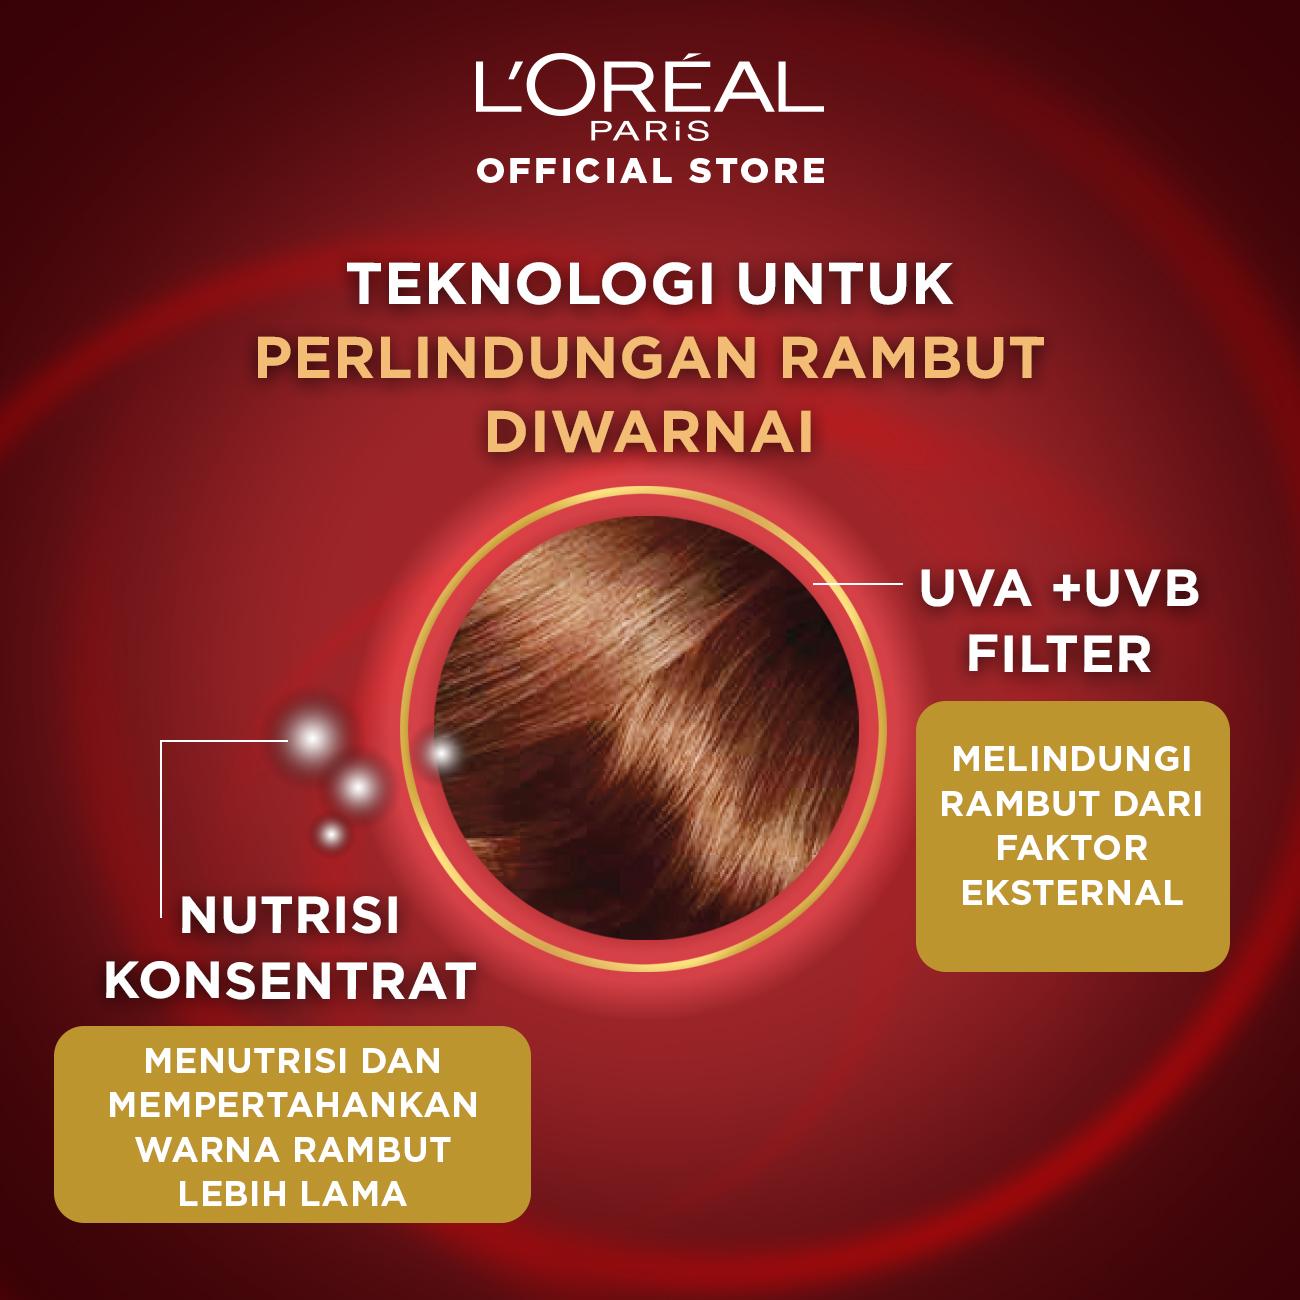 L'Oreal Paris Color Vive Protecting Shampoo Hair Care - 280 ml (Perawatan Rambut Setelah Diwarnai)-2